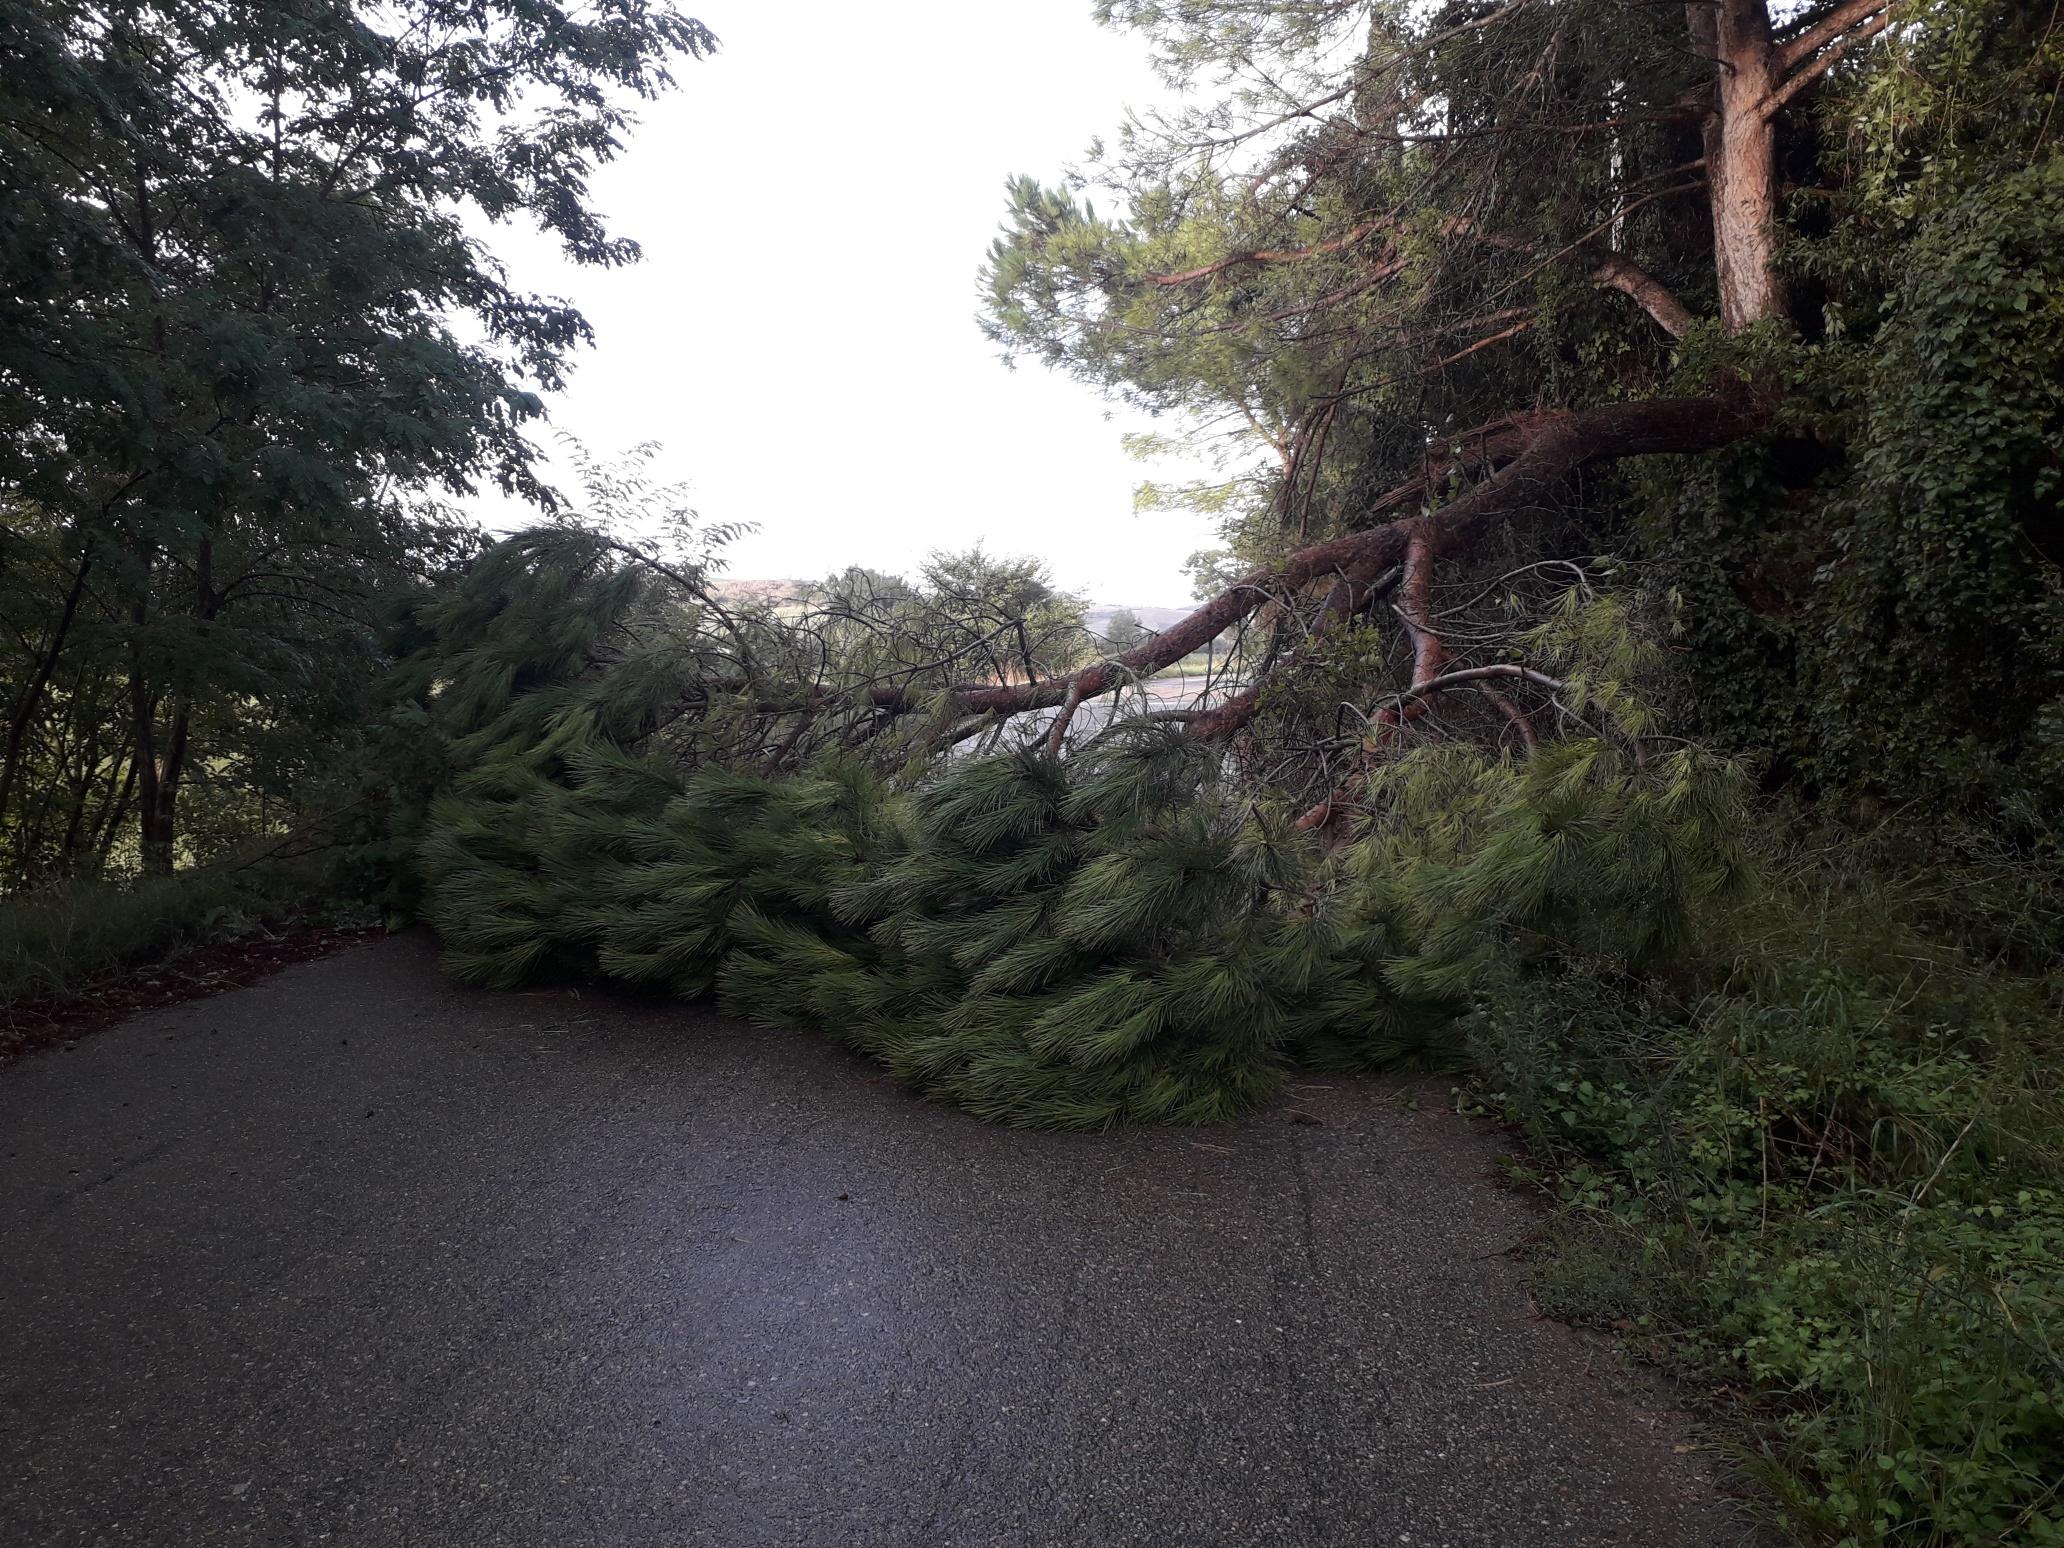 Maltempo, albero caduto sulla strada a Tarquinia: intervento dei volontari Aeopc e dei carabinieri forestali